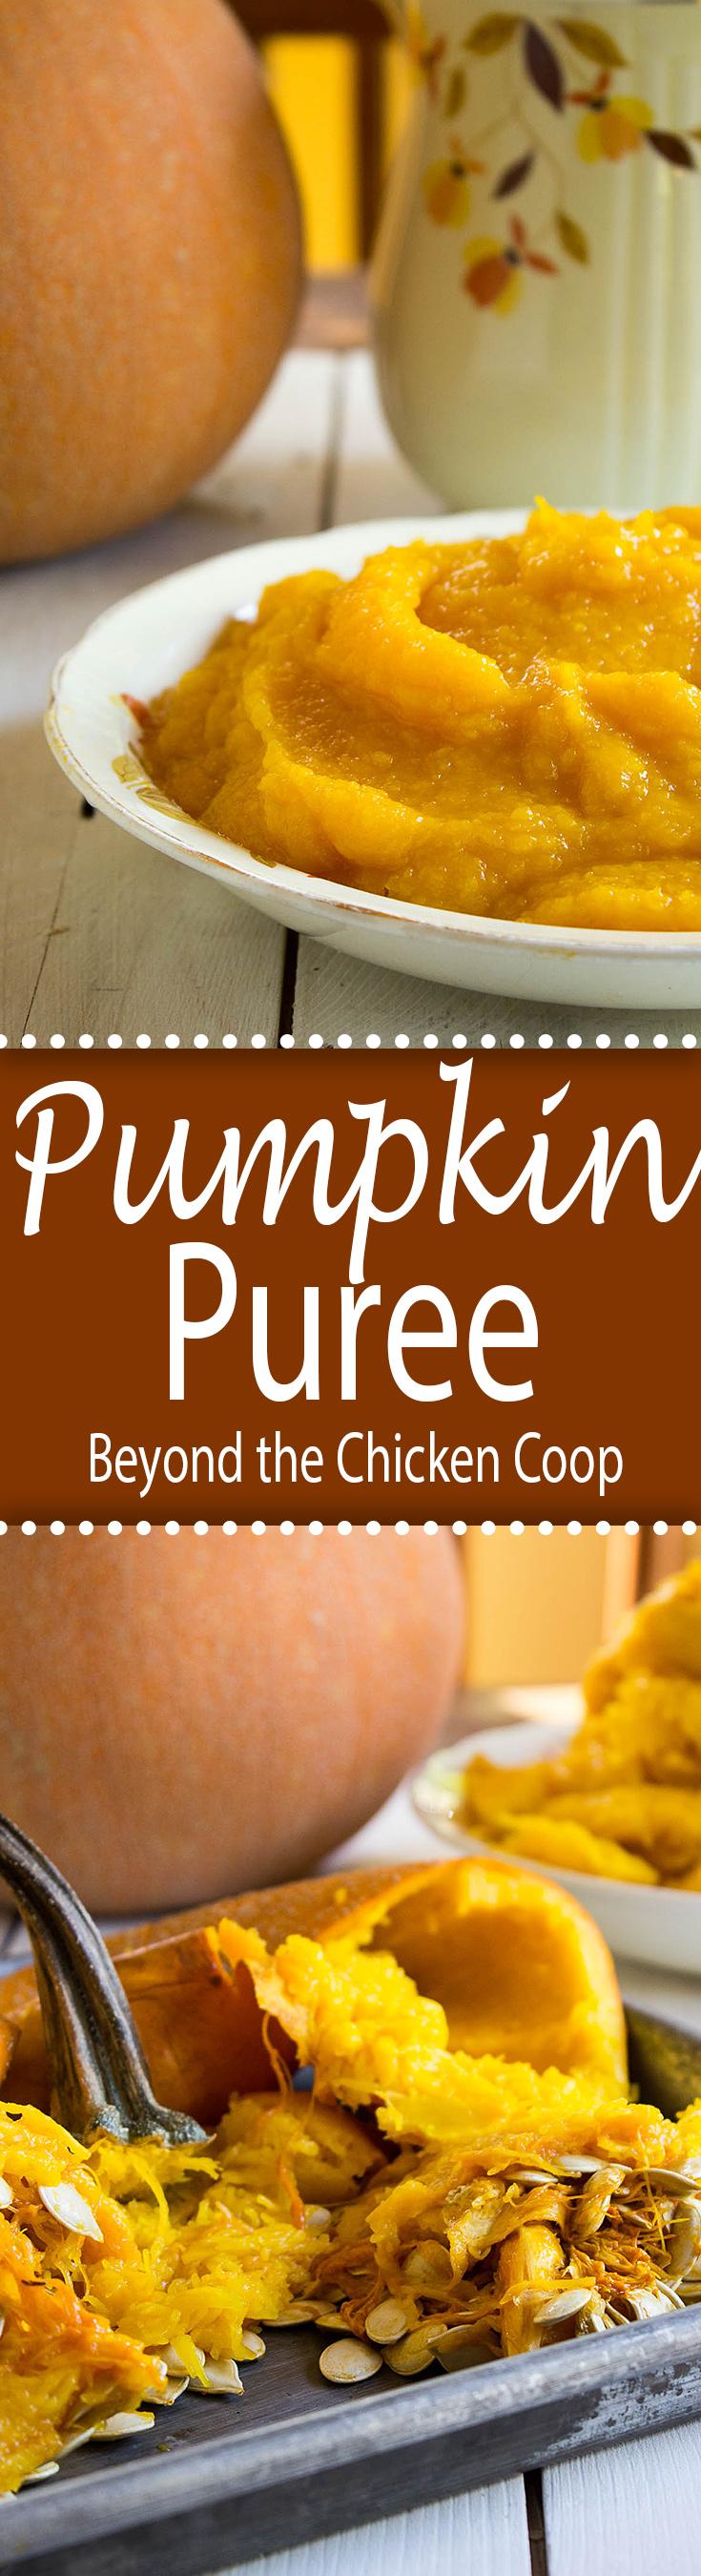 Make you own homemade pumpkin puree!